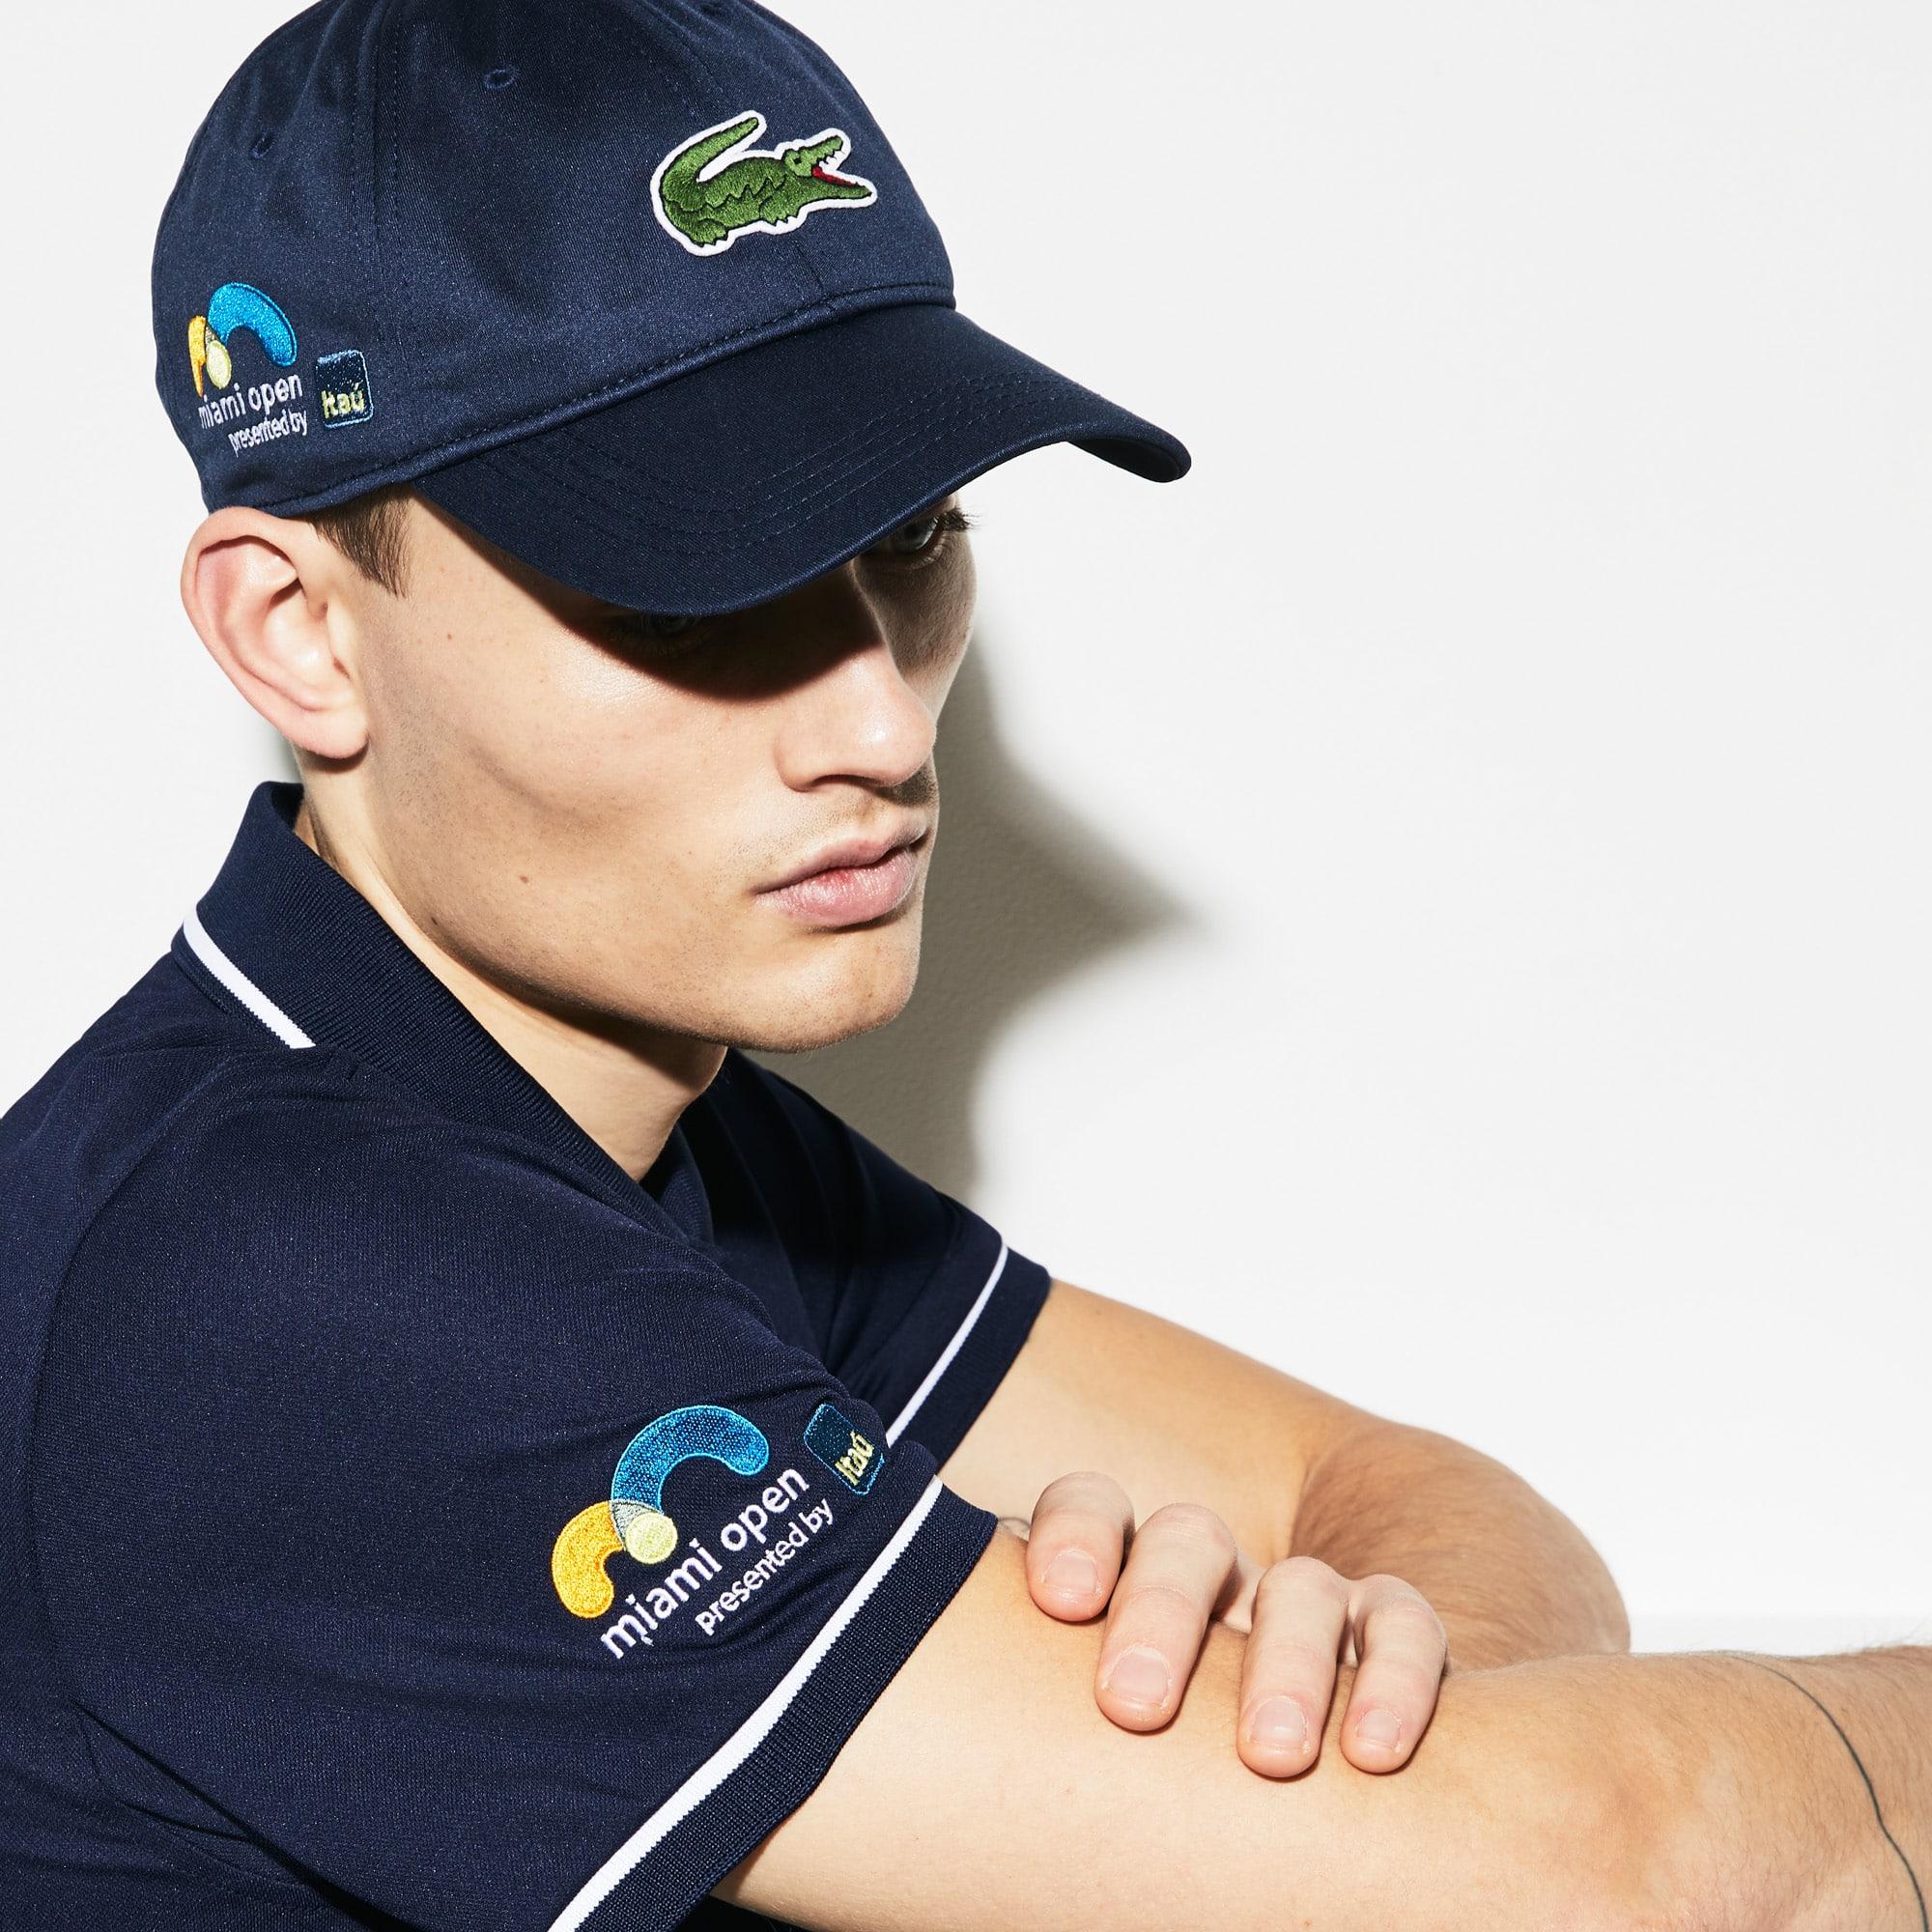 07b66ff1480 Men s Caps and Hats